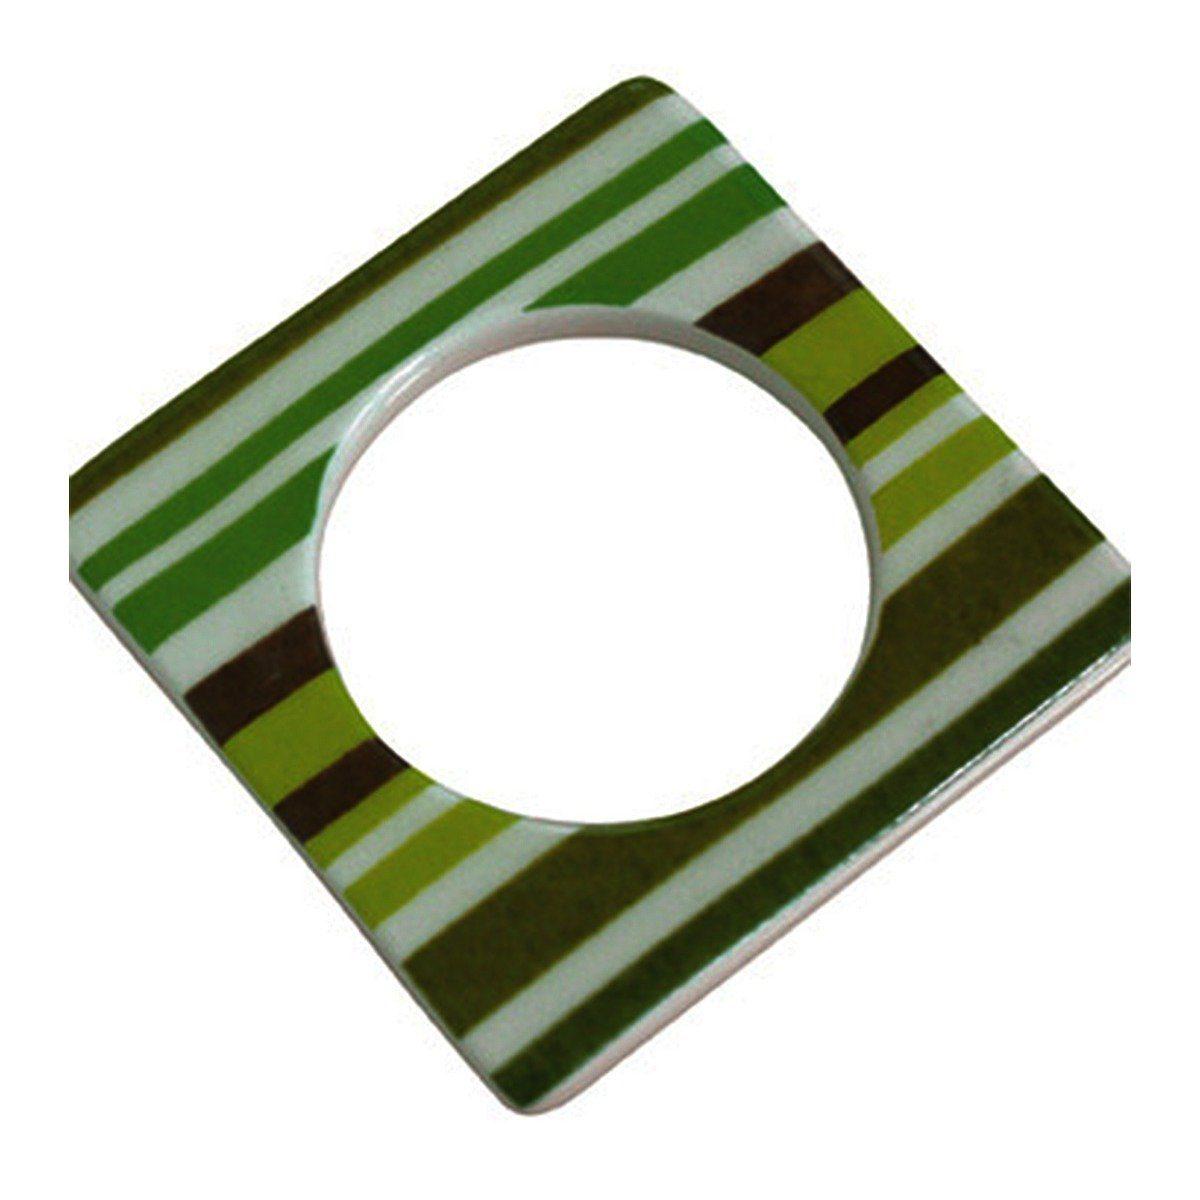 CULTDESIGN Cult Design Manschette für Teelichthalter grün gestreift